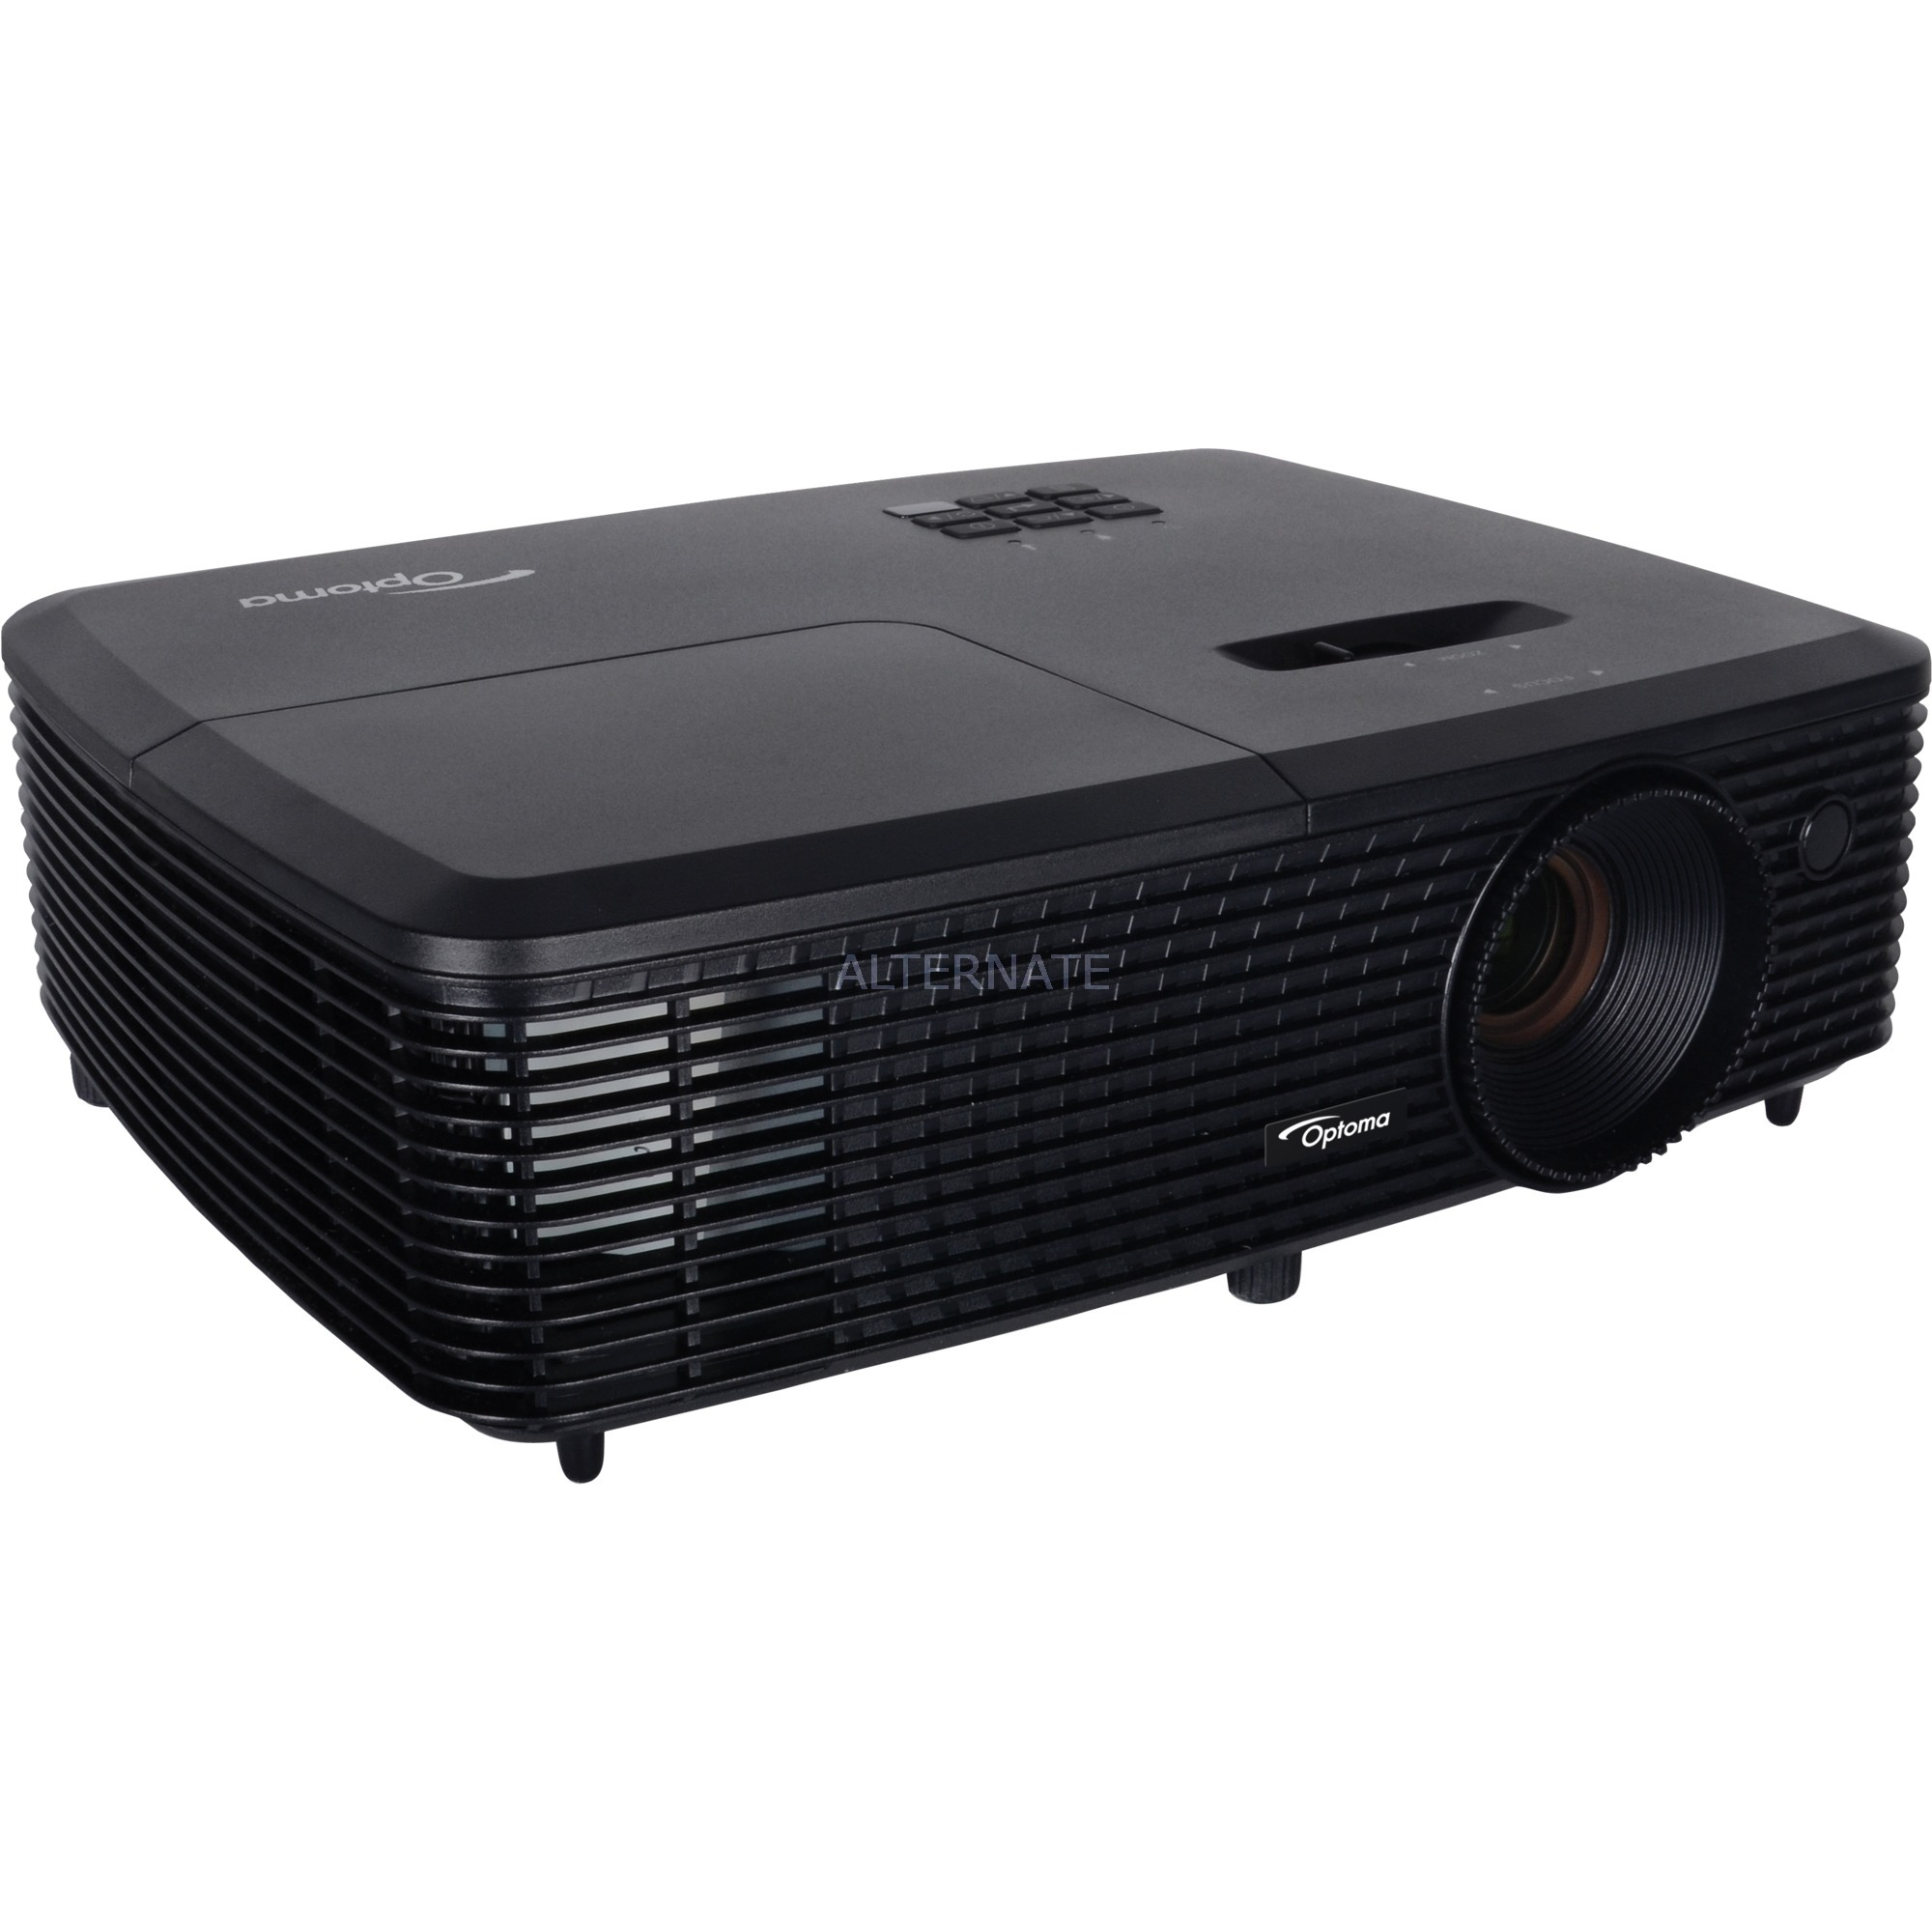 H114 Projecteur de bureau 3400ANSI lumens DLP WXGA (1280x800) Compatibilité 3D Noir vidéo-projecteur, Projecteur DLP